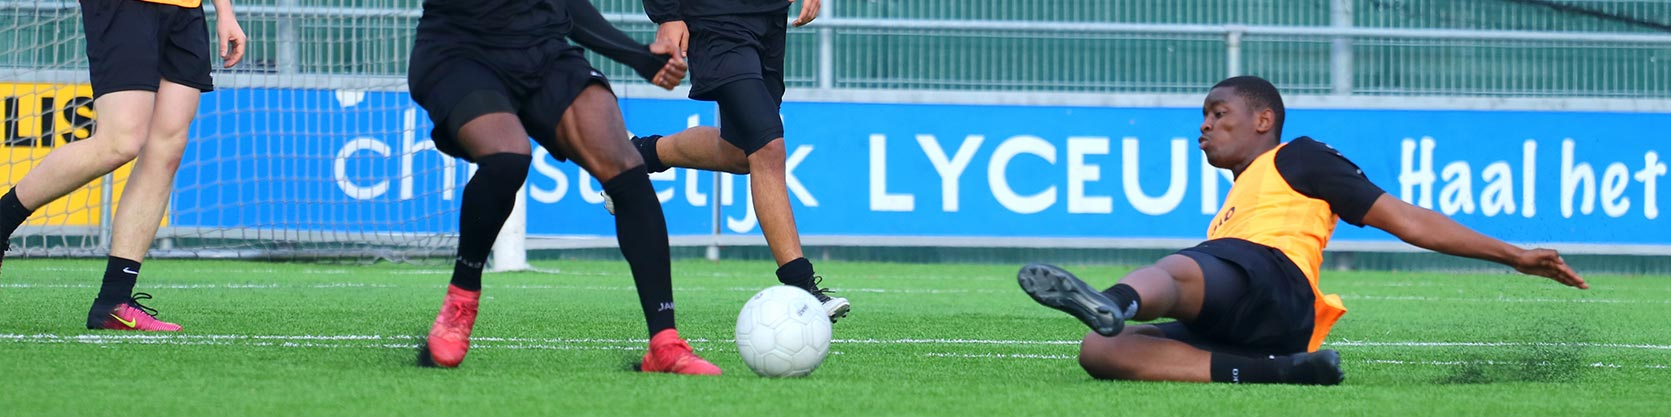 Globalfootball